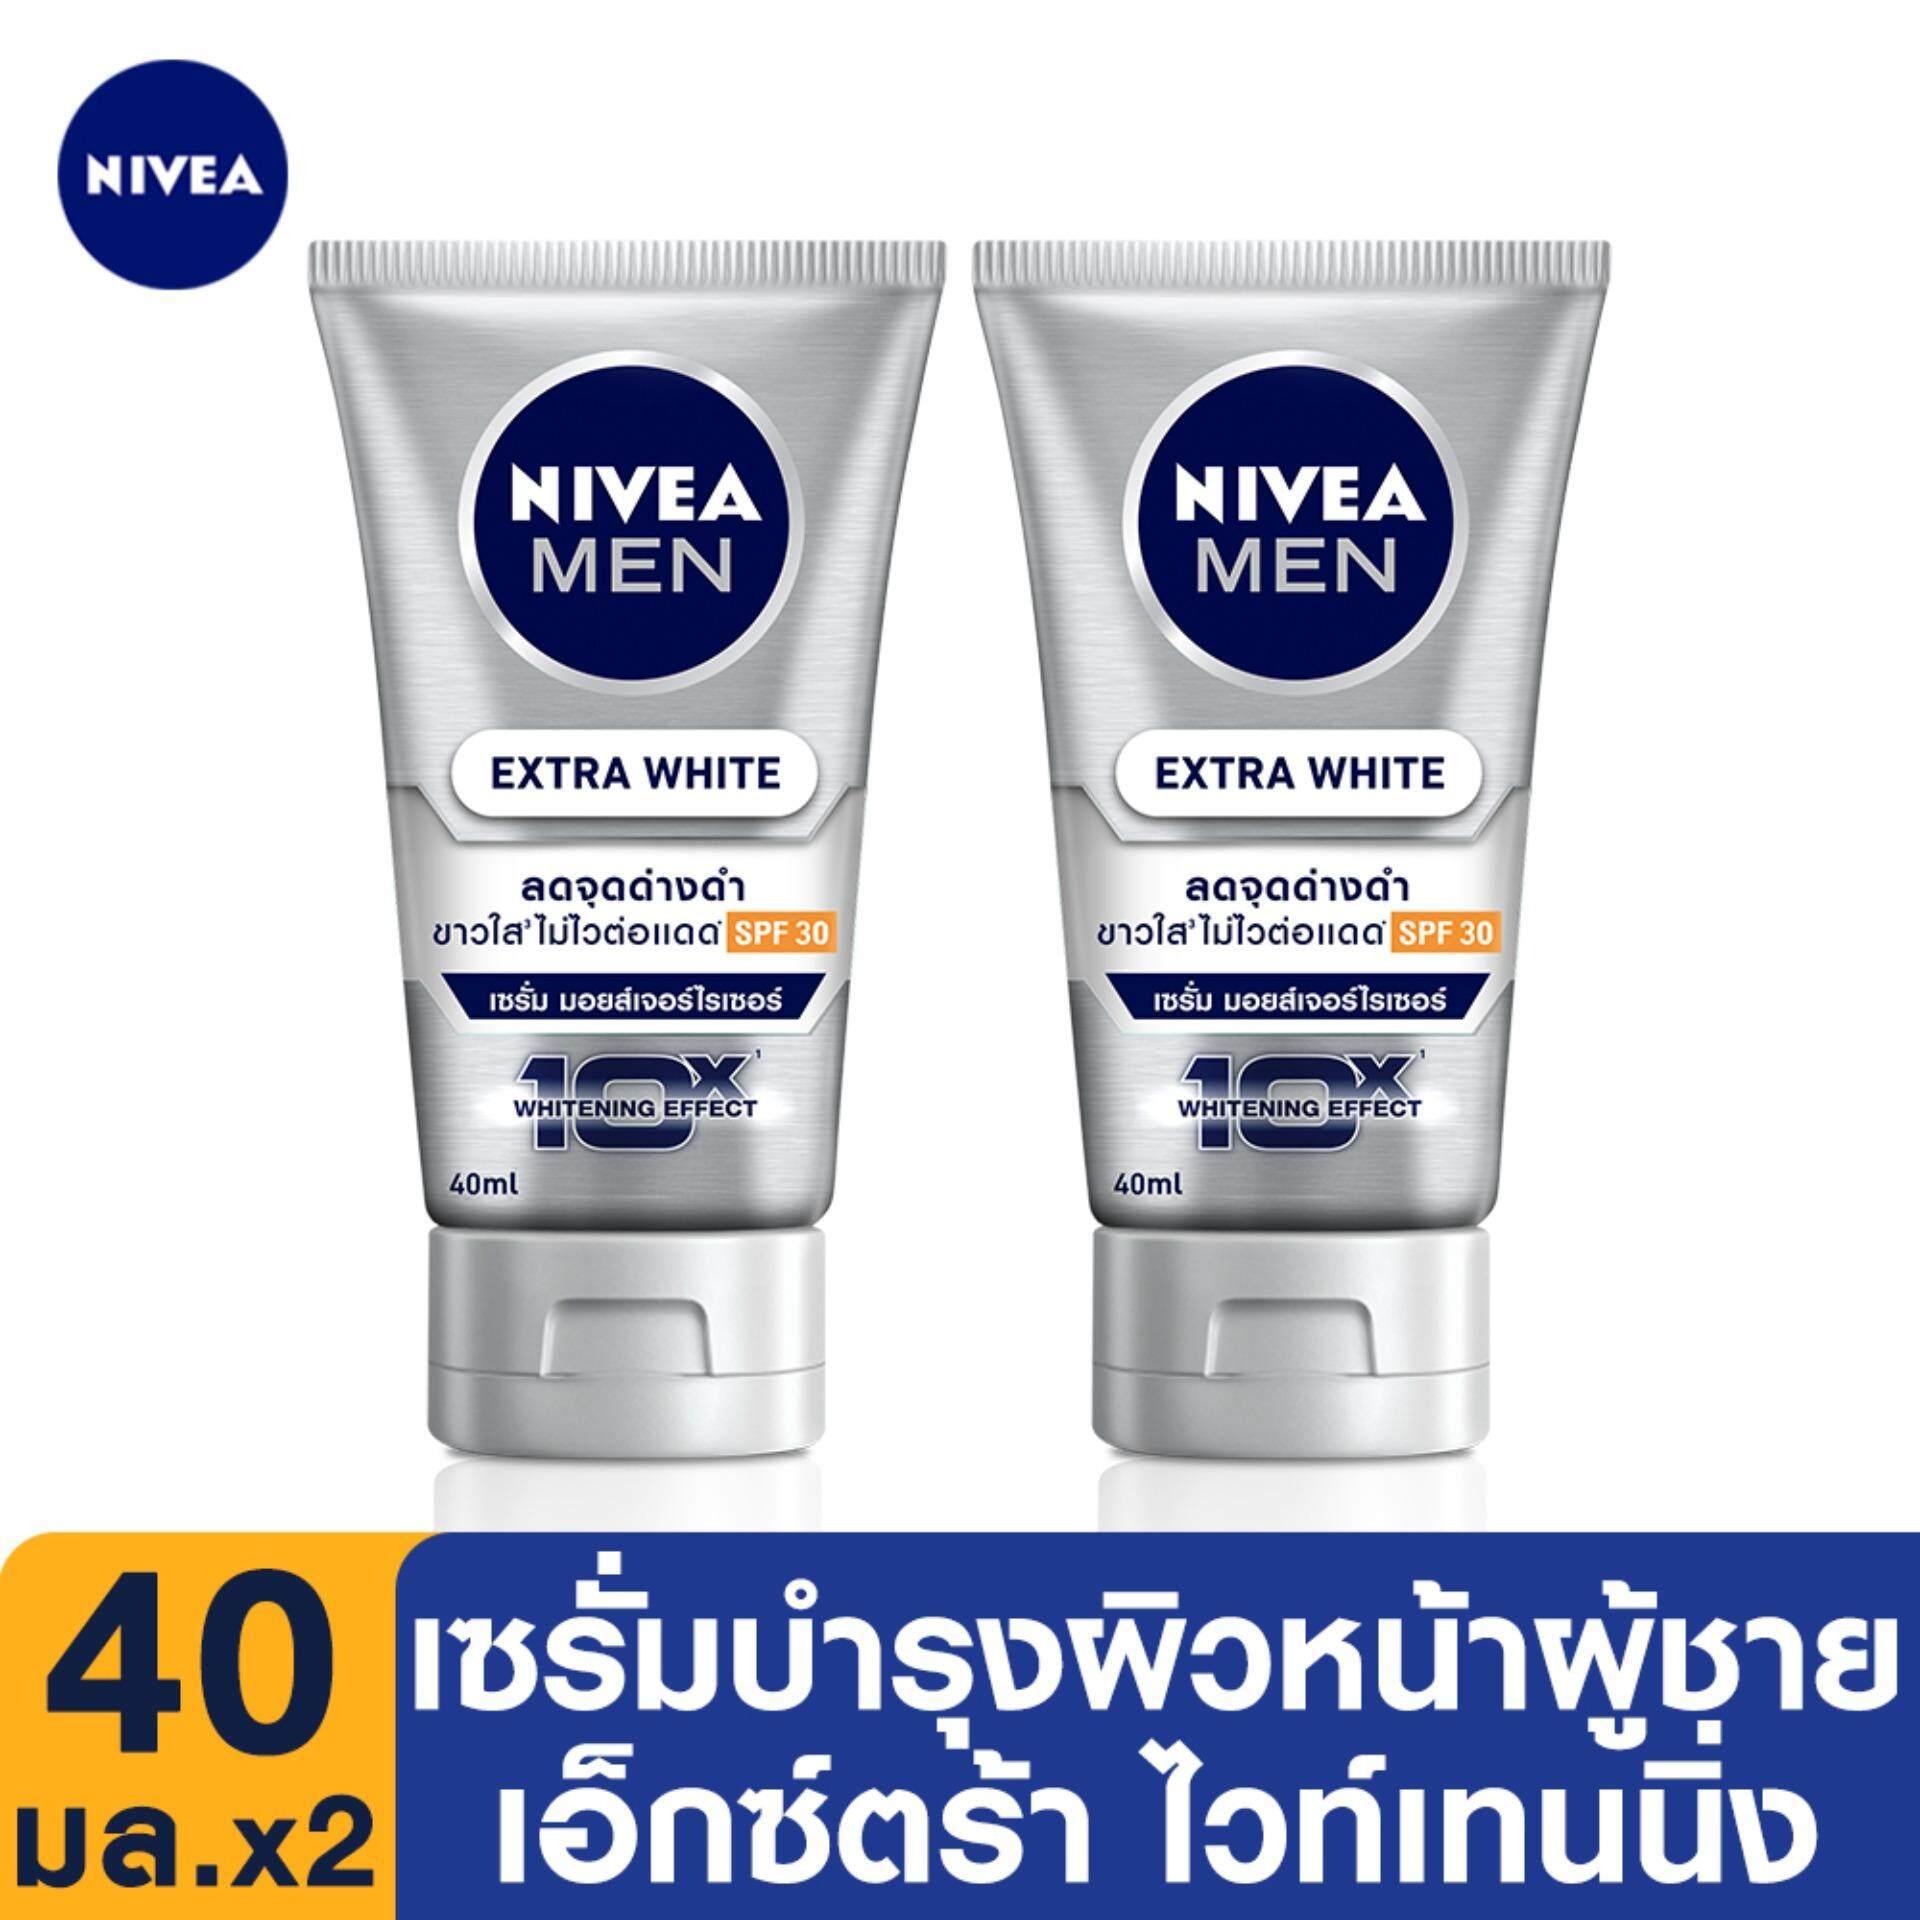 นีเวีย เมน เอ็กซ์ตร้า ไวท์ มอยส์ 40 มล. 2 ชิ้น NIVEA Men Extra White Serum Moisturizer 40 ml. 2 pcs. (ครีมกันแดดผู้ชาย, ครีมหน้าขาว, ครีมทาหน้าผู้ชาย, ดูแลผิวหน้า, ครีมบำรุงผิวหน้าผู้ชาย, มอยเจอร์ไรเซอร์, SPF50, หน้าใส, ลดรอยสิว, กระชับรูขุมขน)